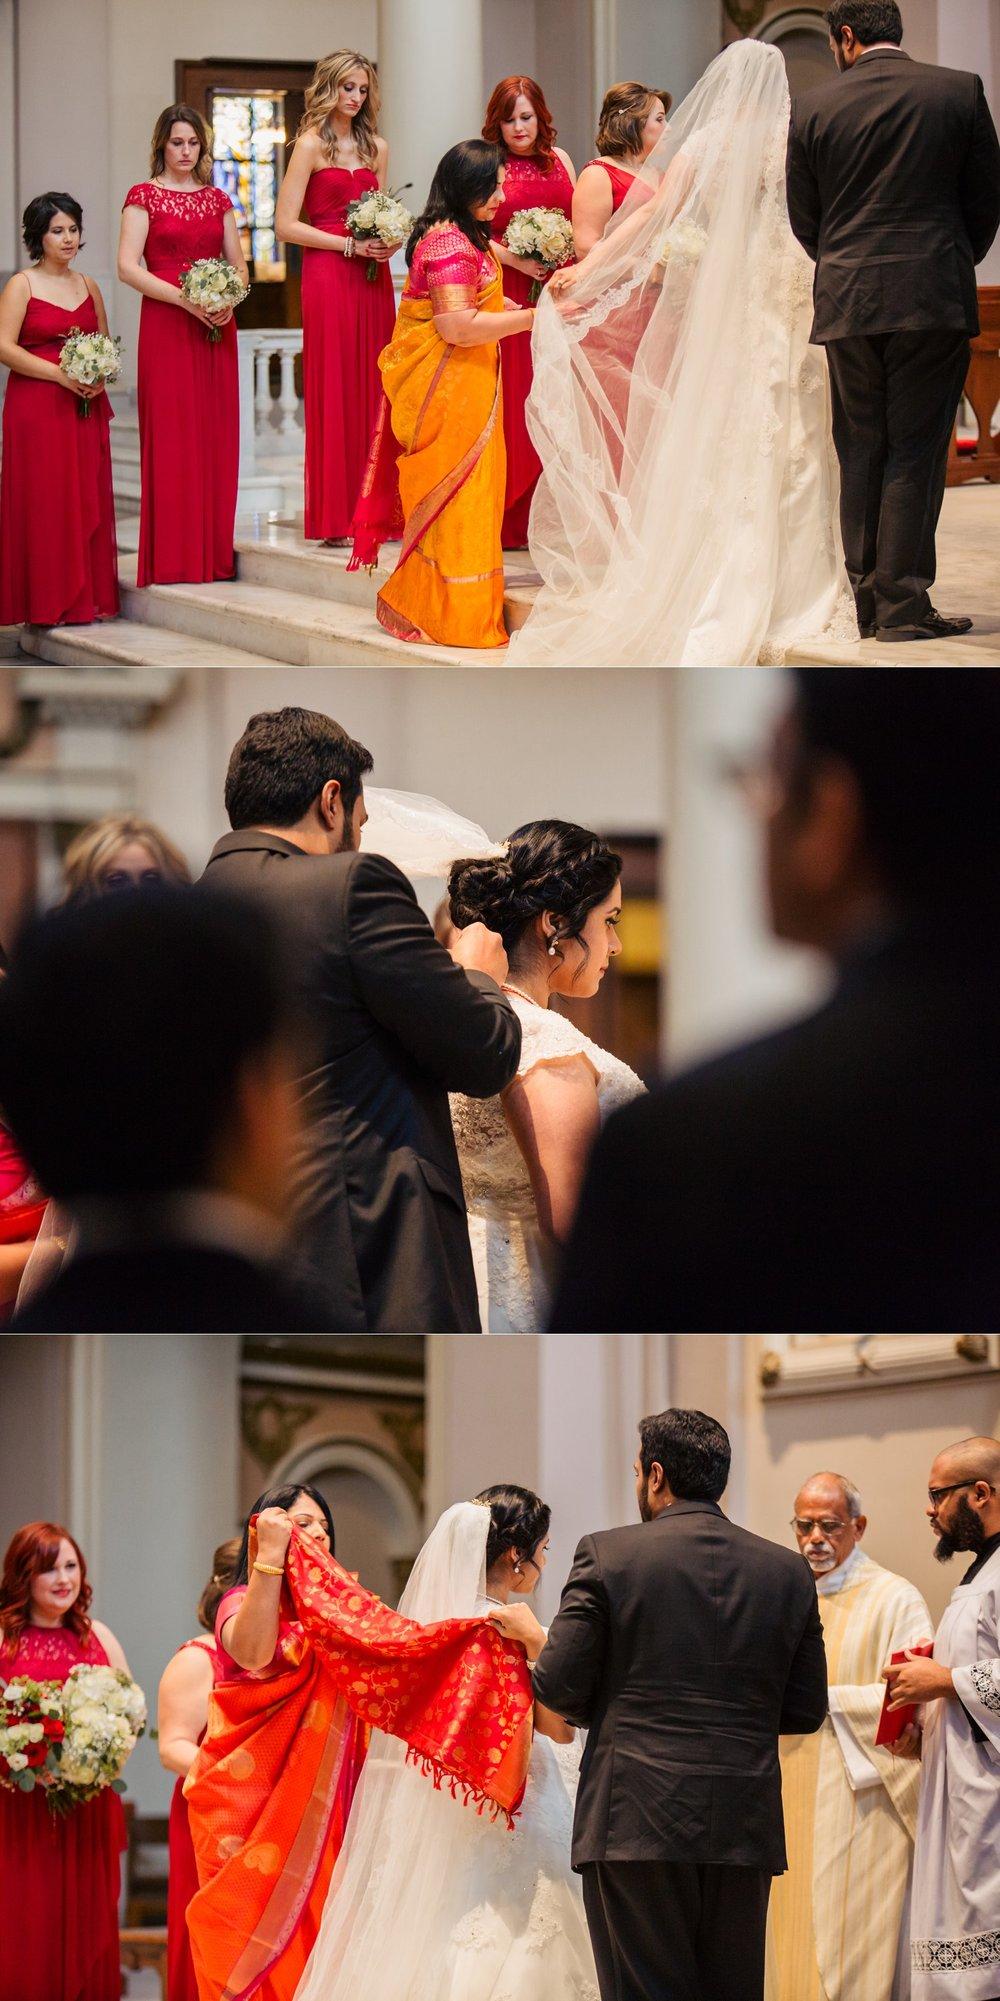 CK-Photo-Nashville-engagement-wedding-photographer-cathedral-of-the-incarnation